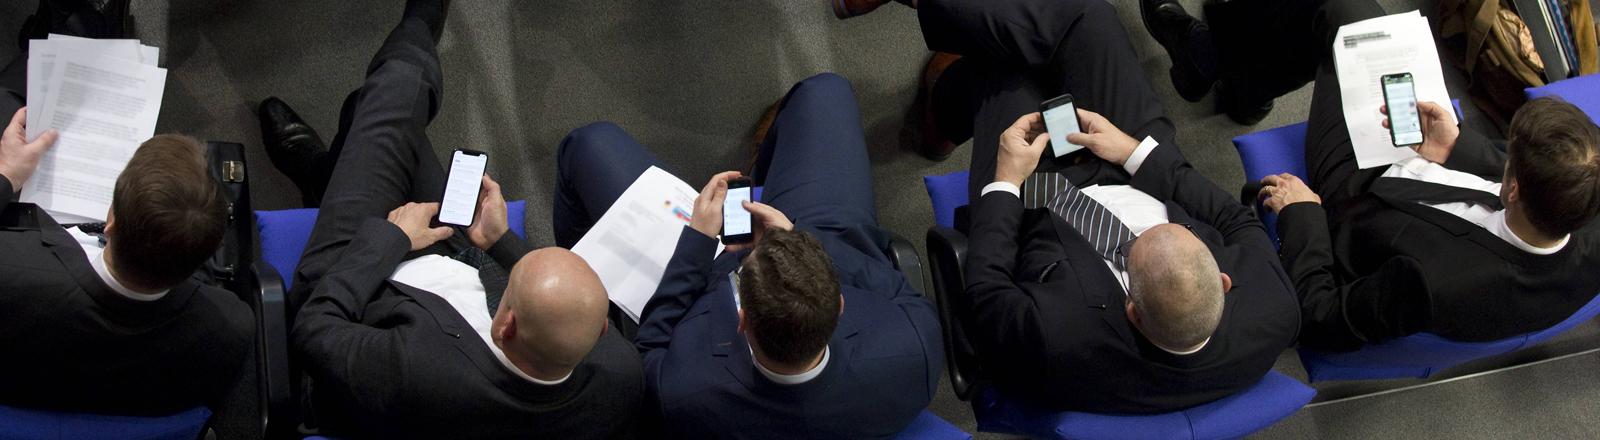 Deutschland, Berlin, Bundestag, 7. Sitzung, Wahl des Parlamentarisches Kontrollgremium, Abgeordnete der AfD Fraktion mit Smartphones,